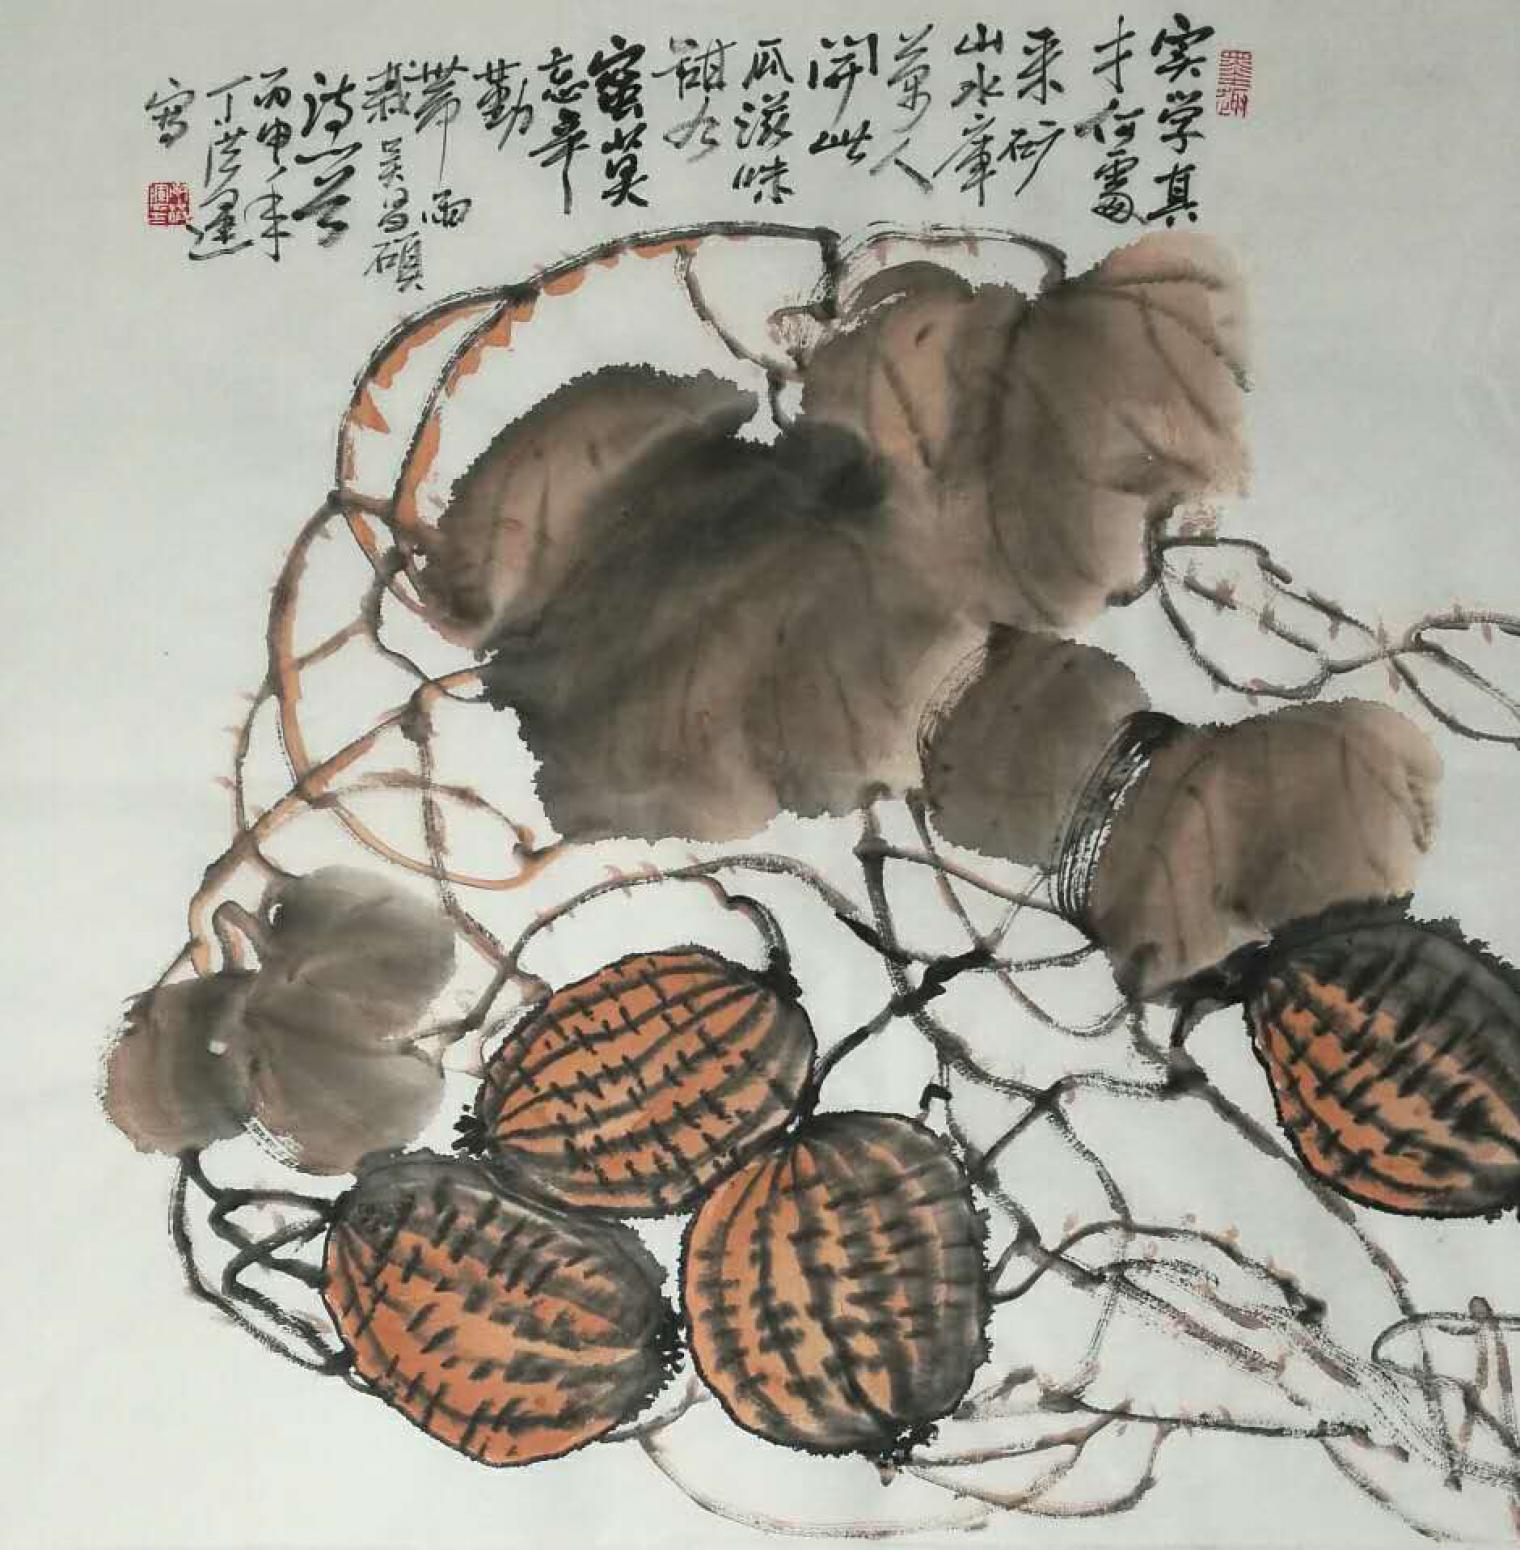 丁洪运国画作品《【瓜熟蒂落】作者丁洪运》【图0】